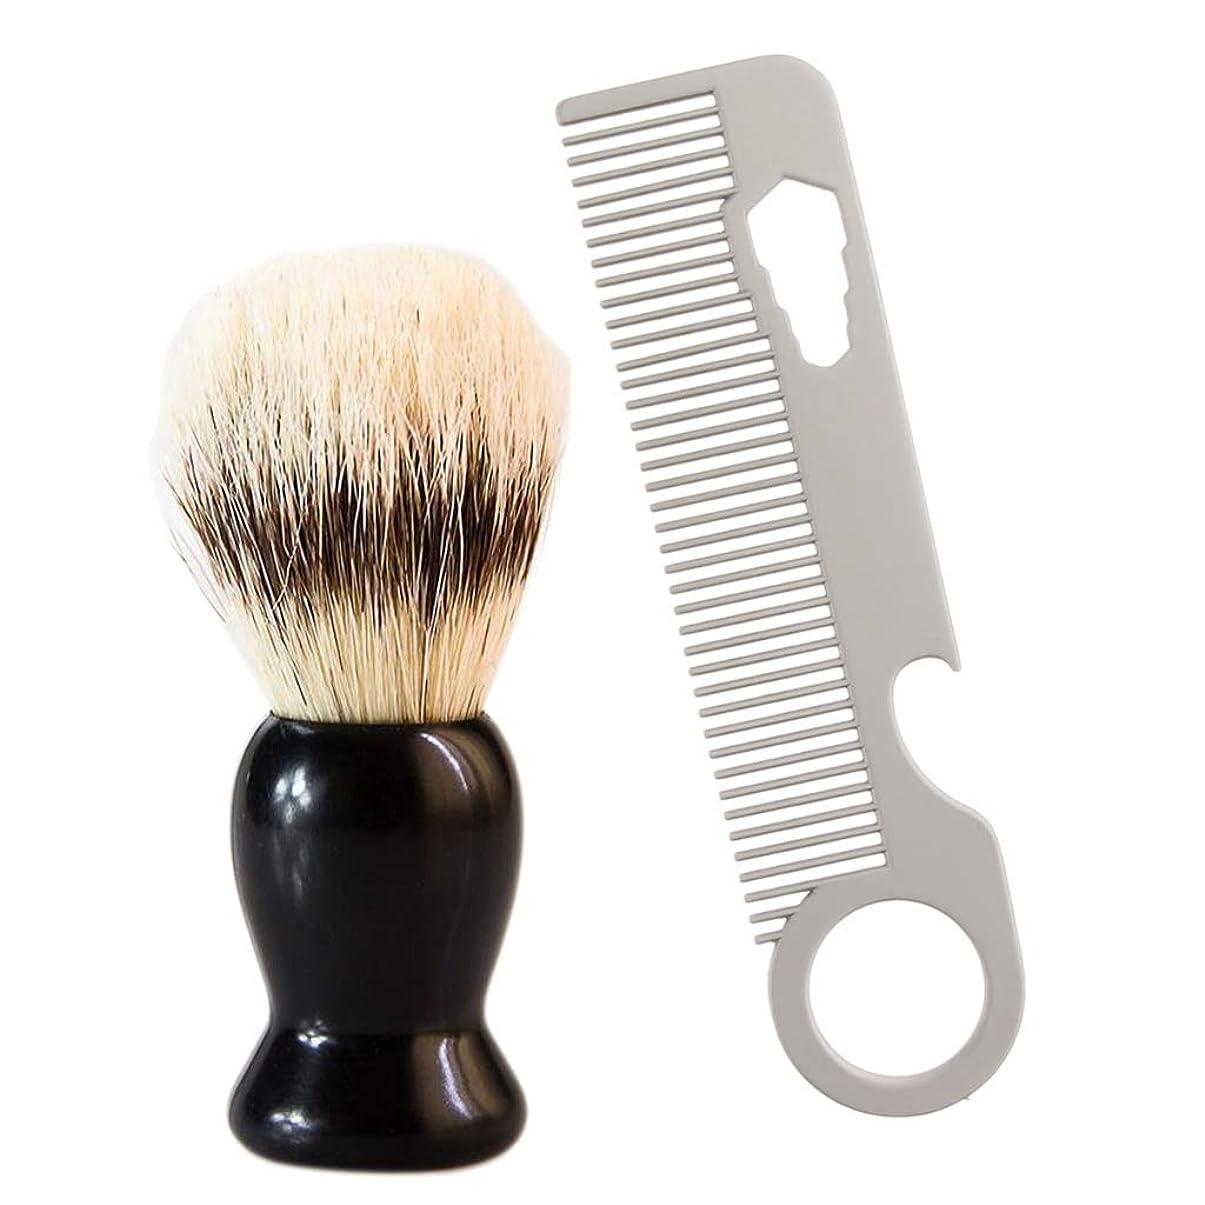 製造投げるアニメーションHellery メンズ シェービングブラシセット ひげ剃り櫛 理容 洗顔 髭剃り 家庭用 旅行 贈り物